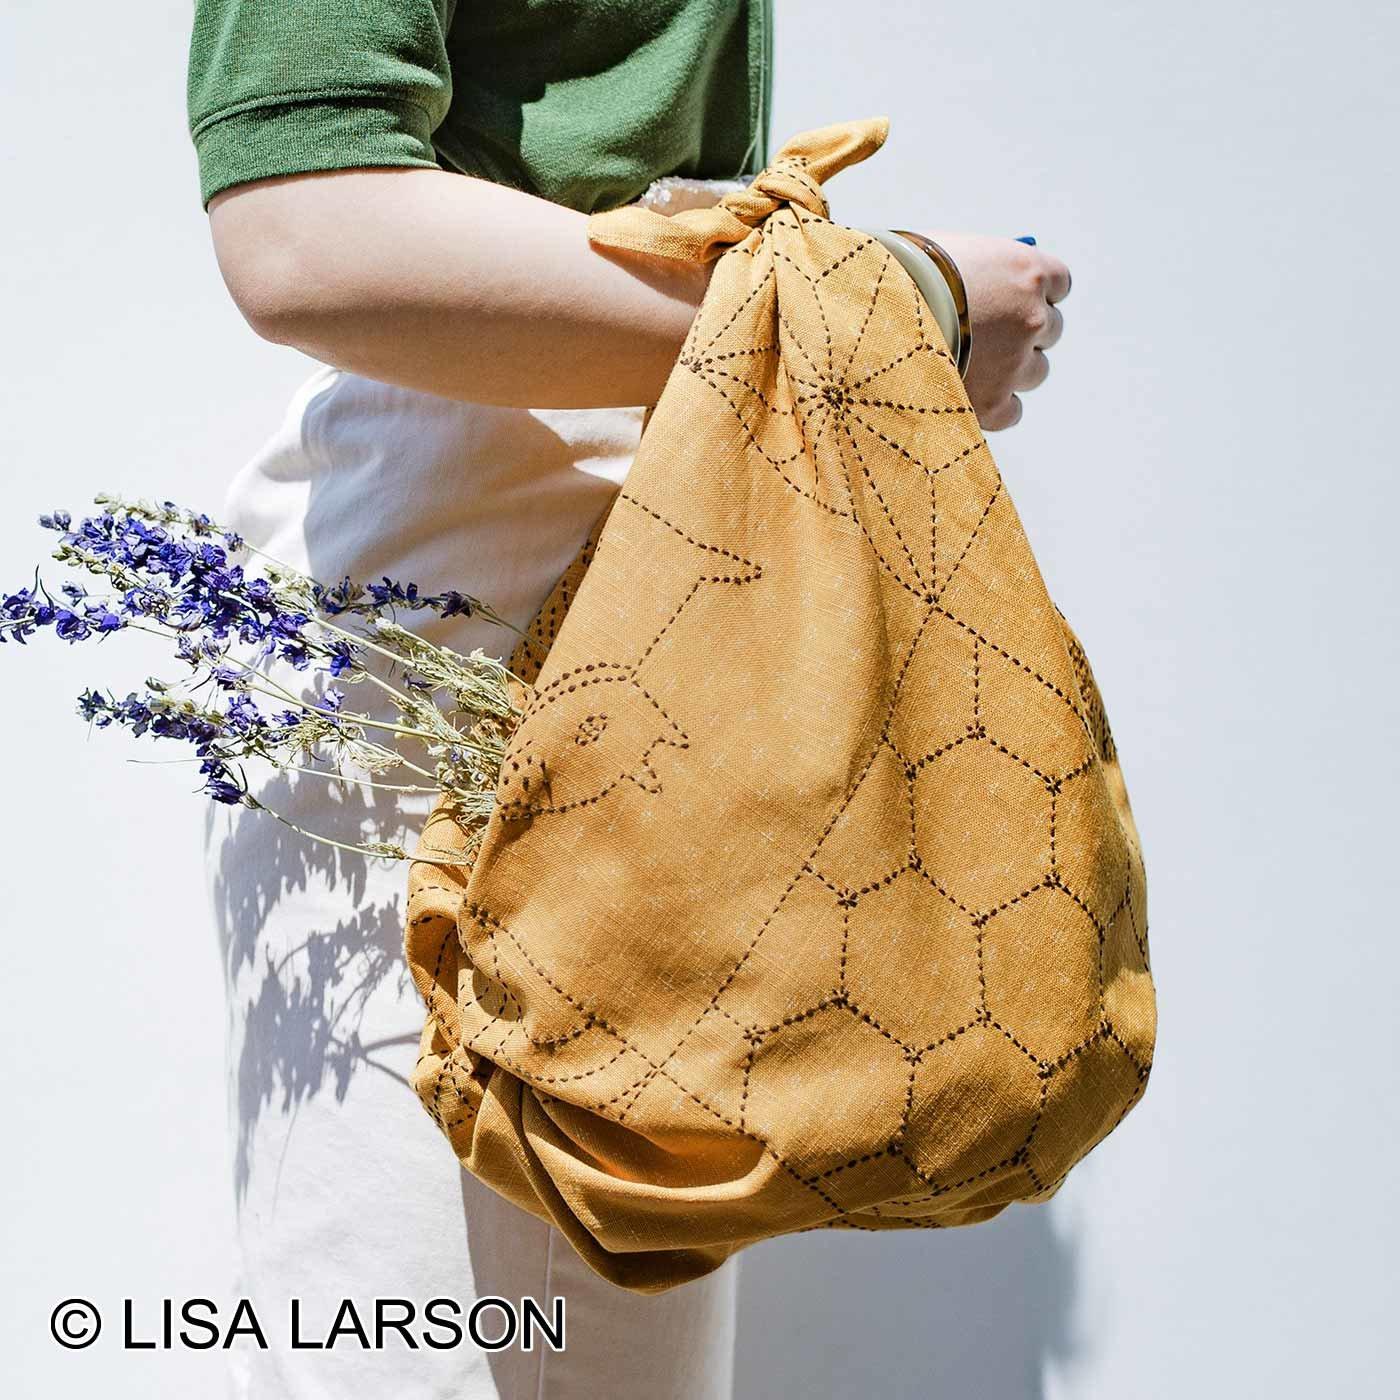 クチュリエ×リサ・ラーソン 縫製済みがうれしい ちくちく刺し子の大判風呂敷(黄)